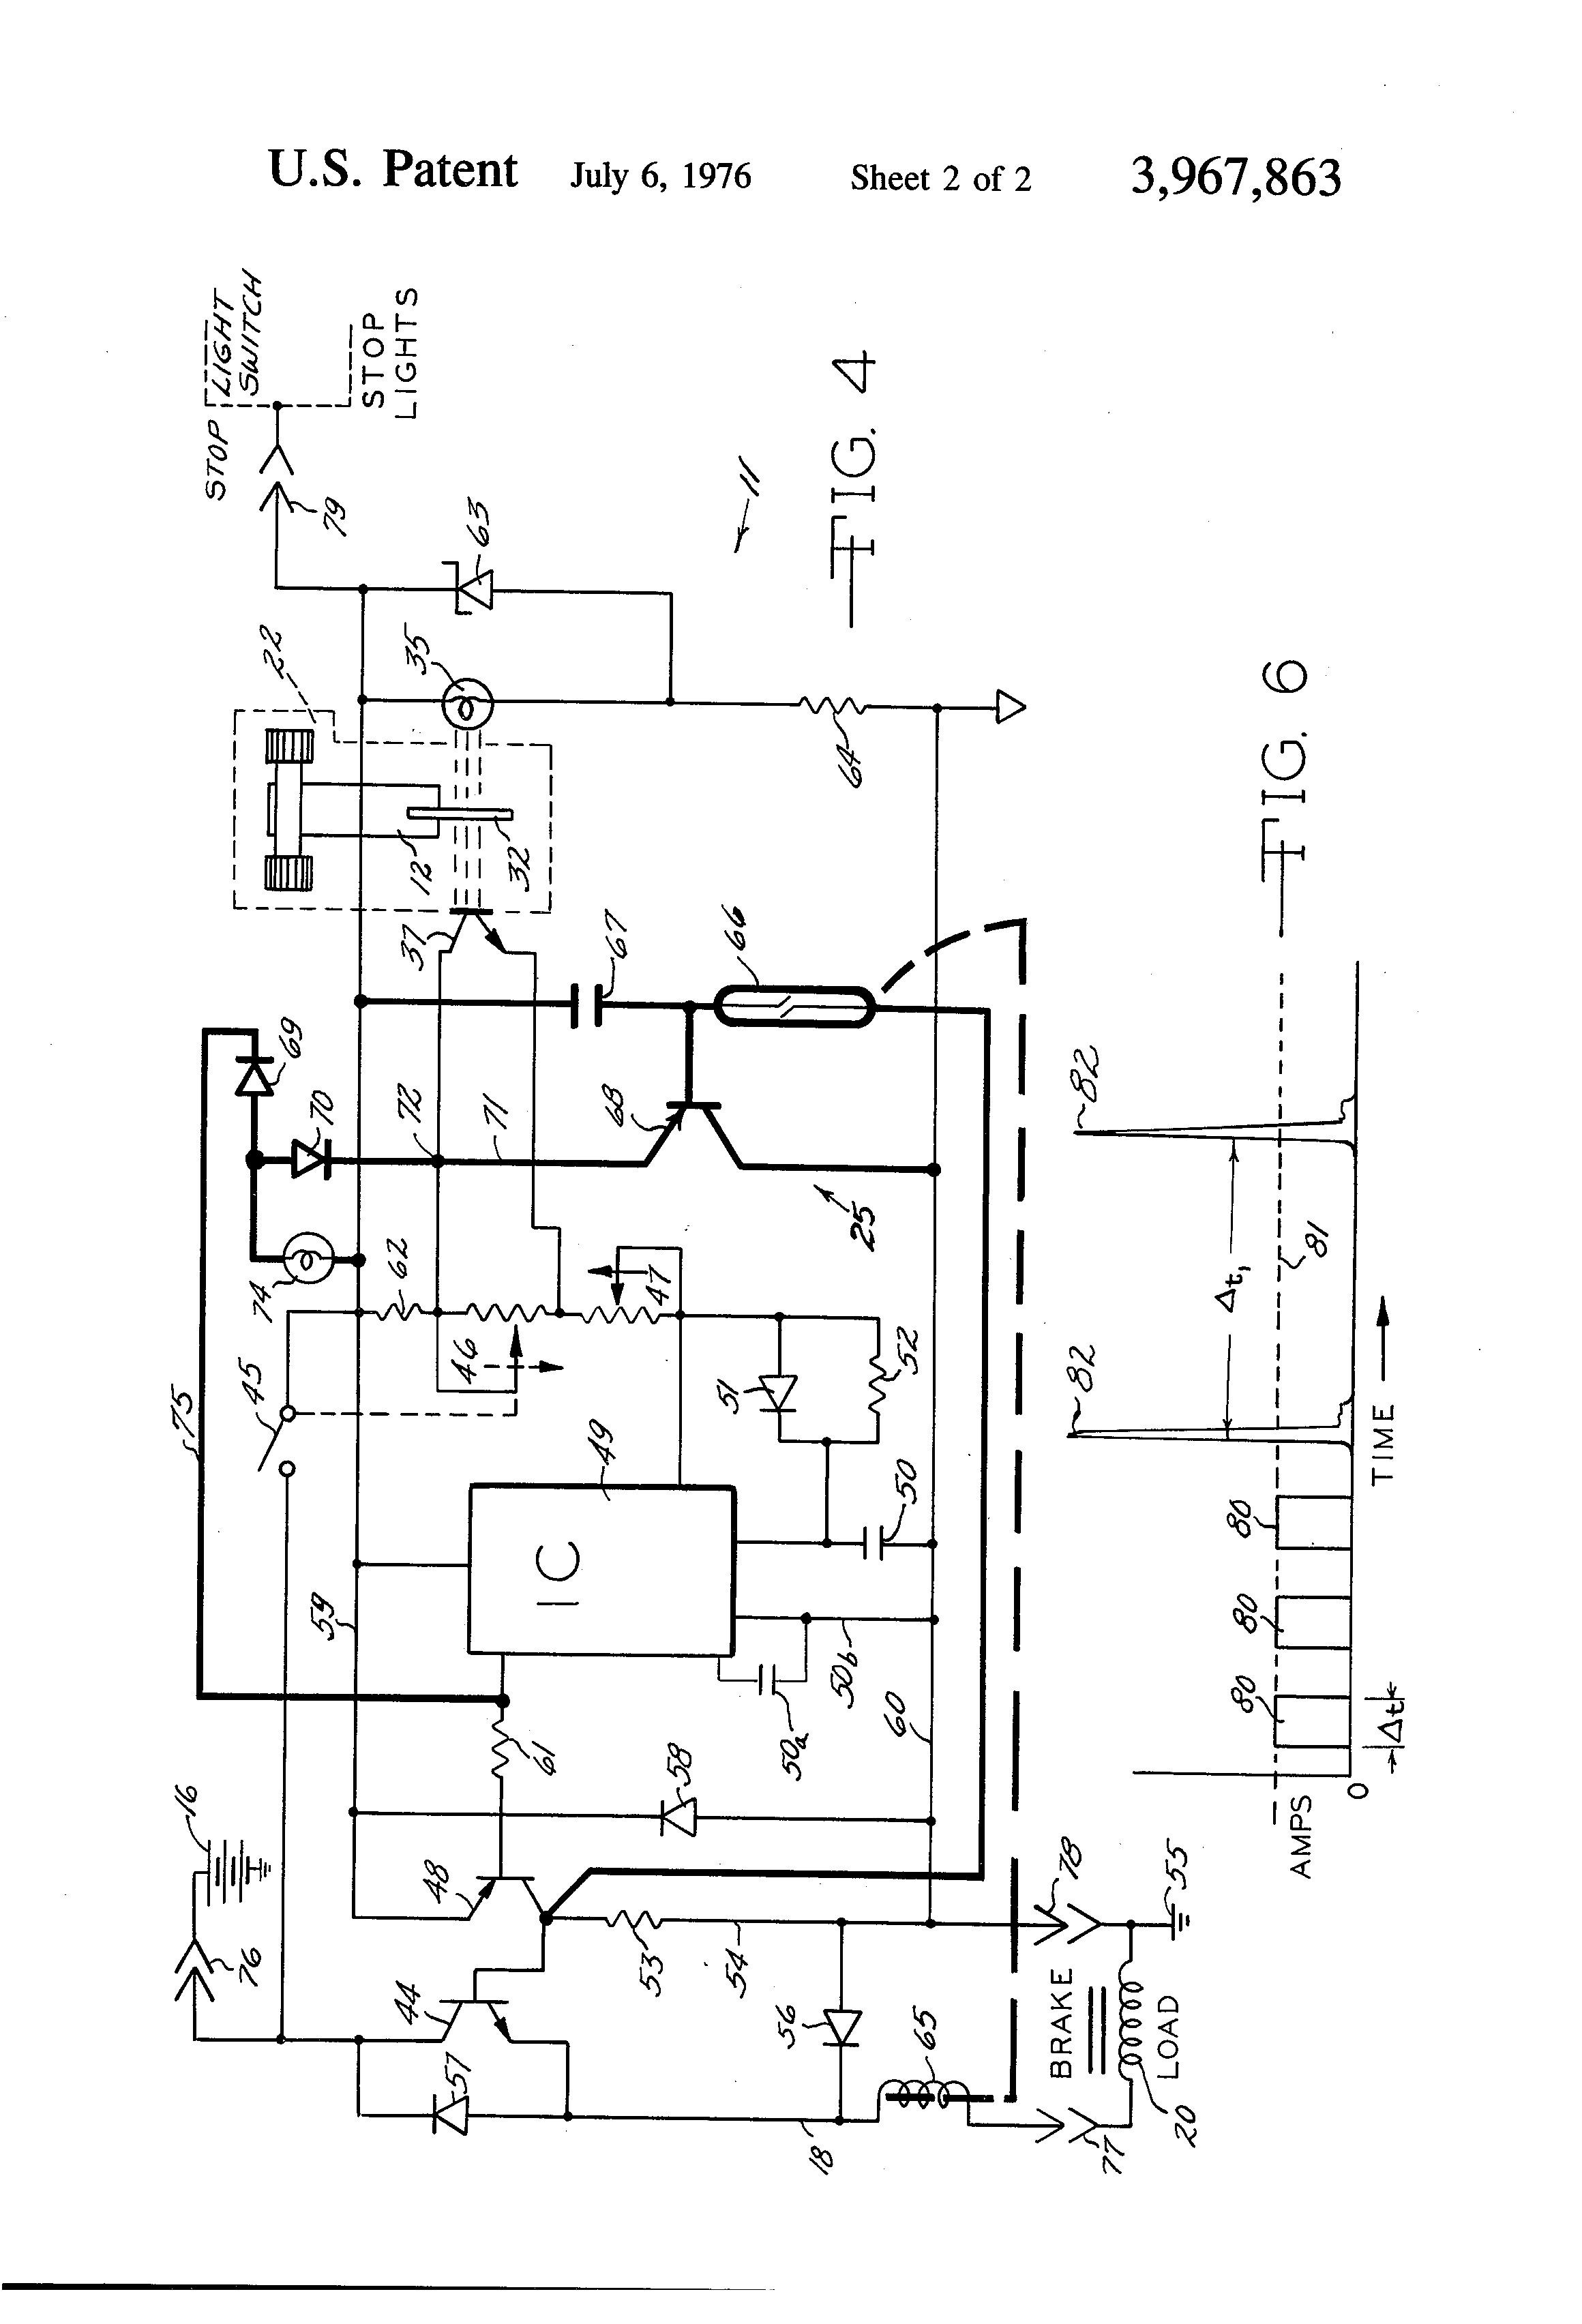 Primus Brake Controller Wiring Diagram Primus Iq Brake Controller Wiring Diagram Inspiration Prodigy P2 Of Primus Brake Controller Wiring Diagram